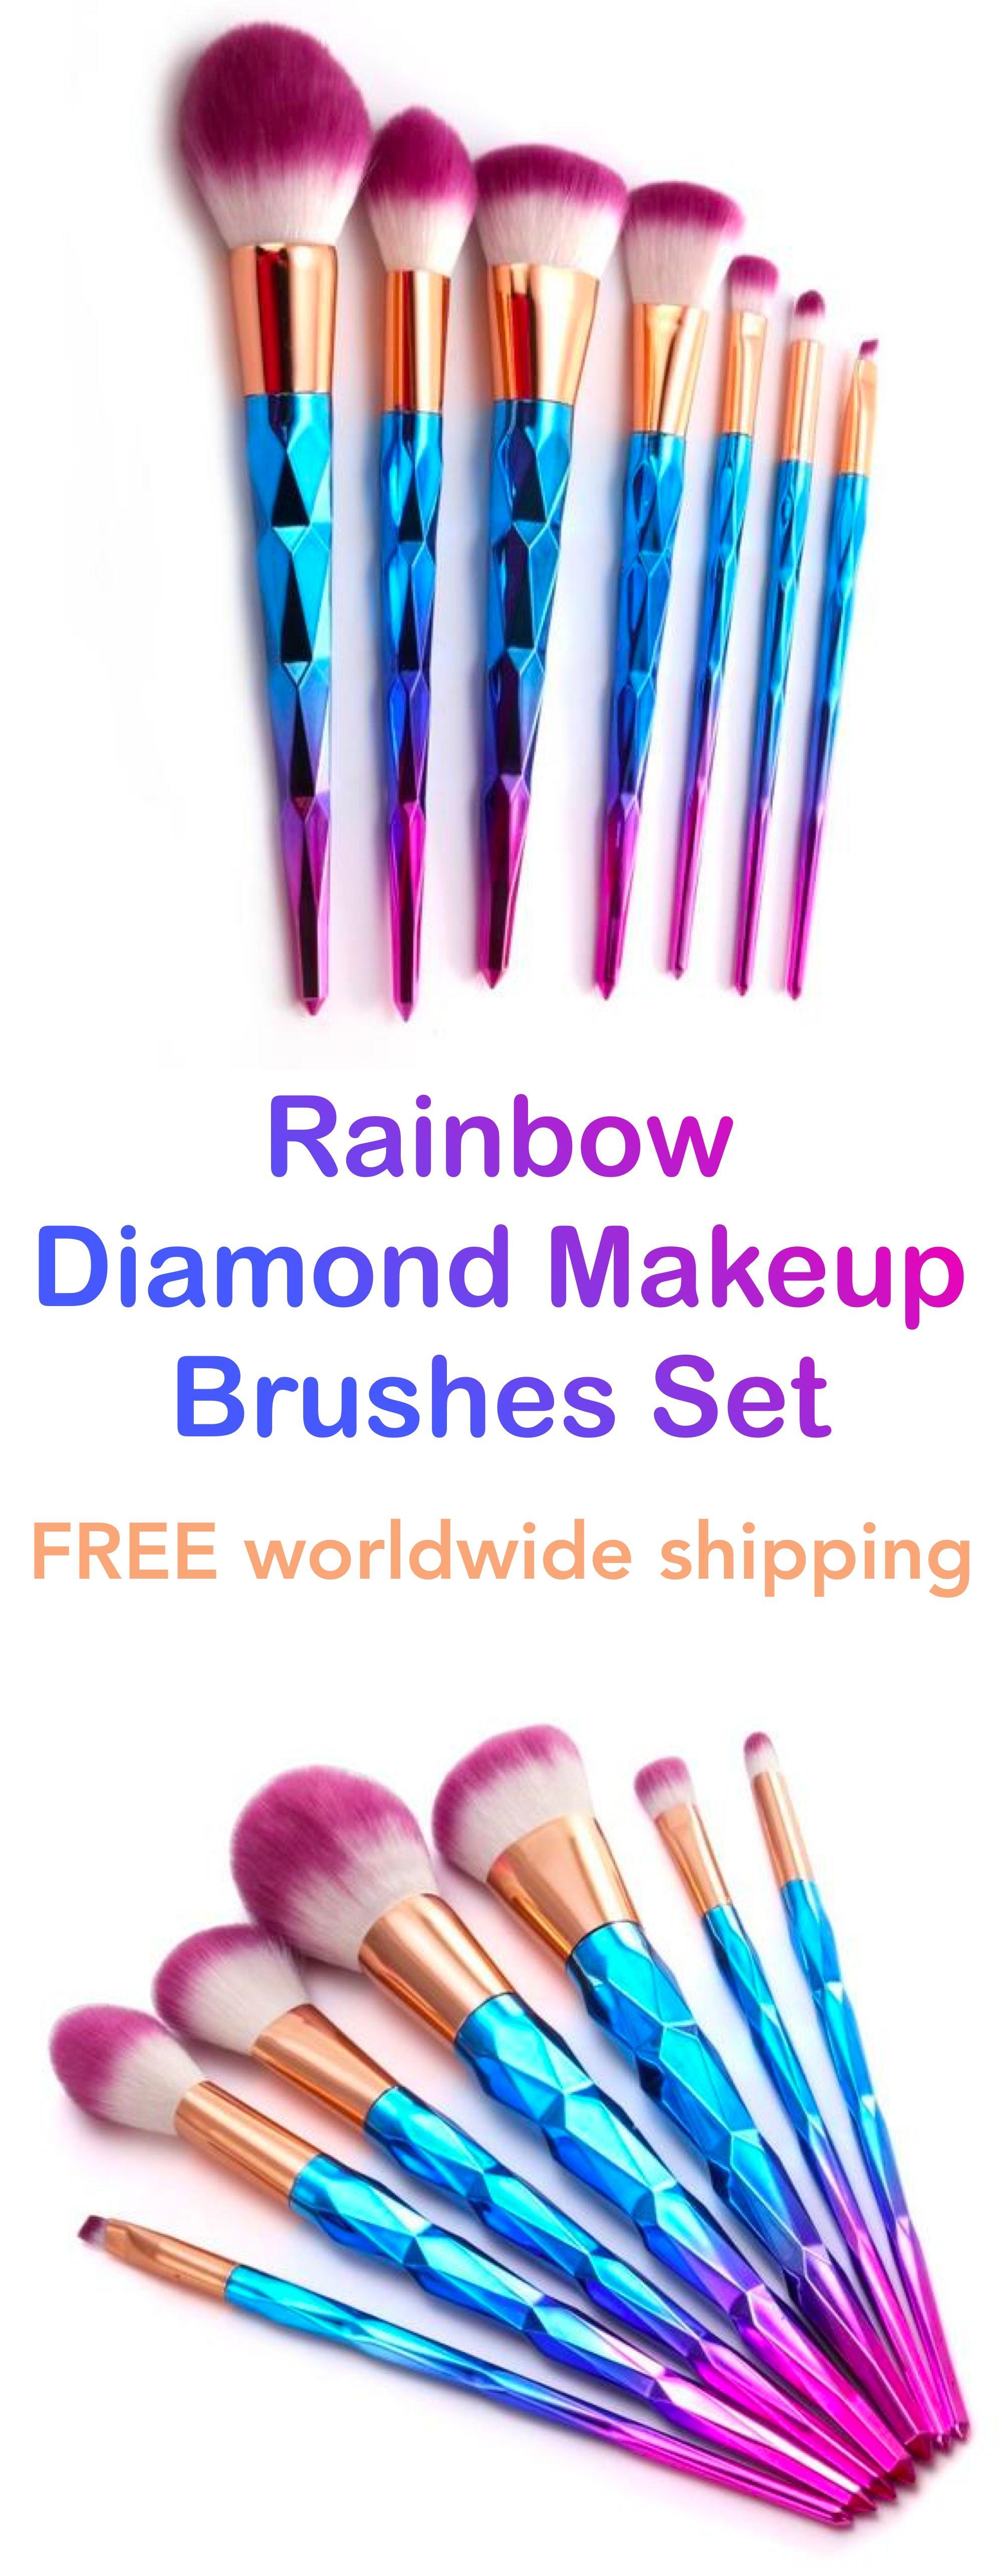 Diamond Rainbow Mermaid Makeup Brushes Set (7pcs) Makeup